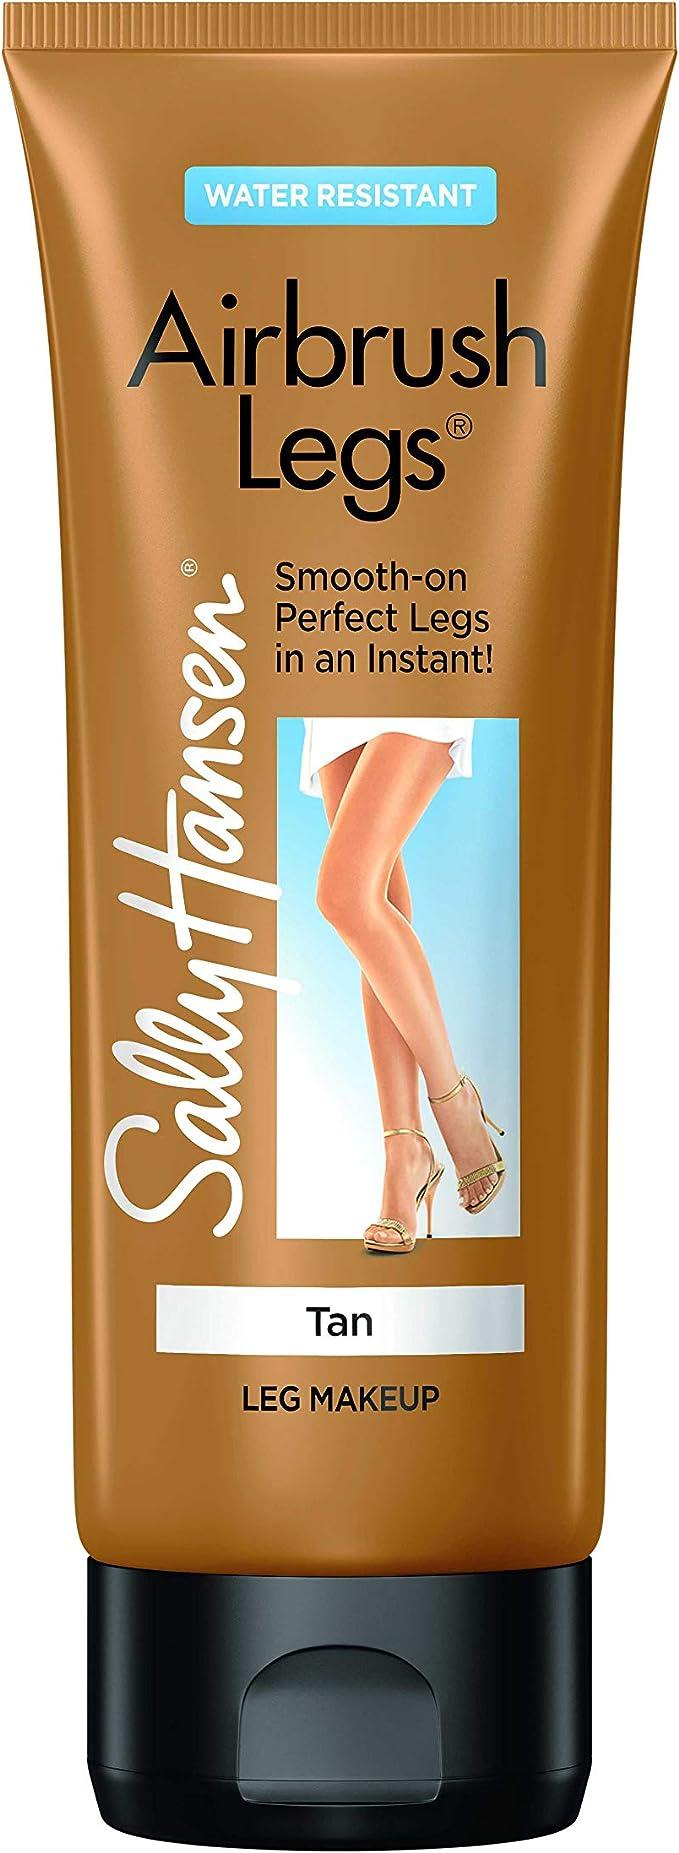 Sally Hansen Airbrush Legs Maquillaje para piernas Loción Tono 004 Bronceado - 118 ml